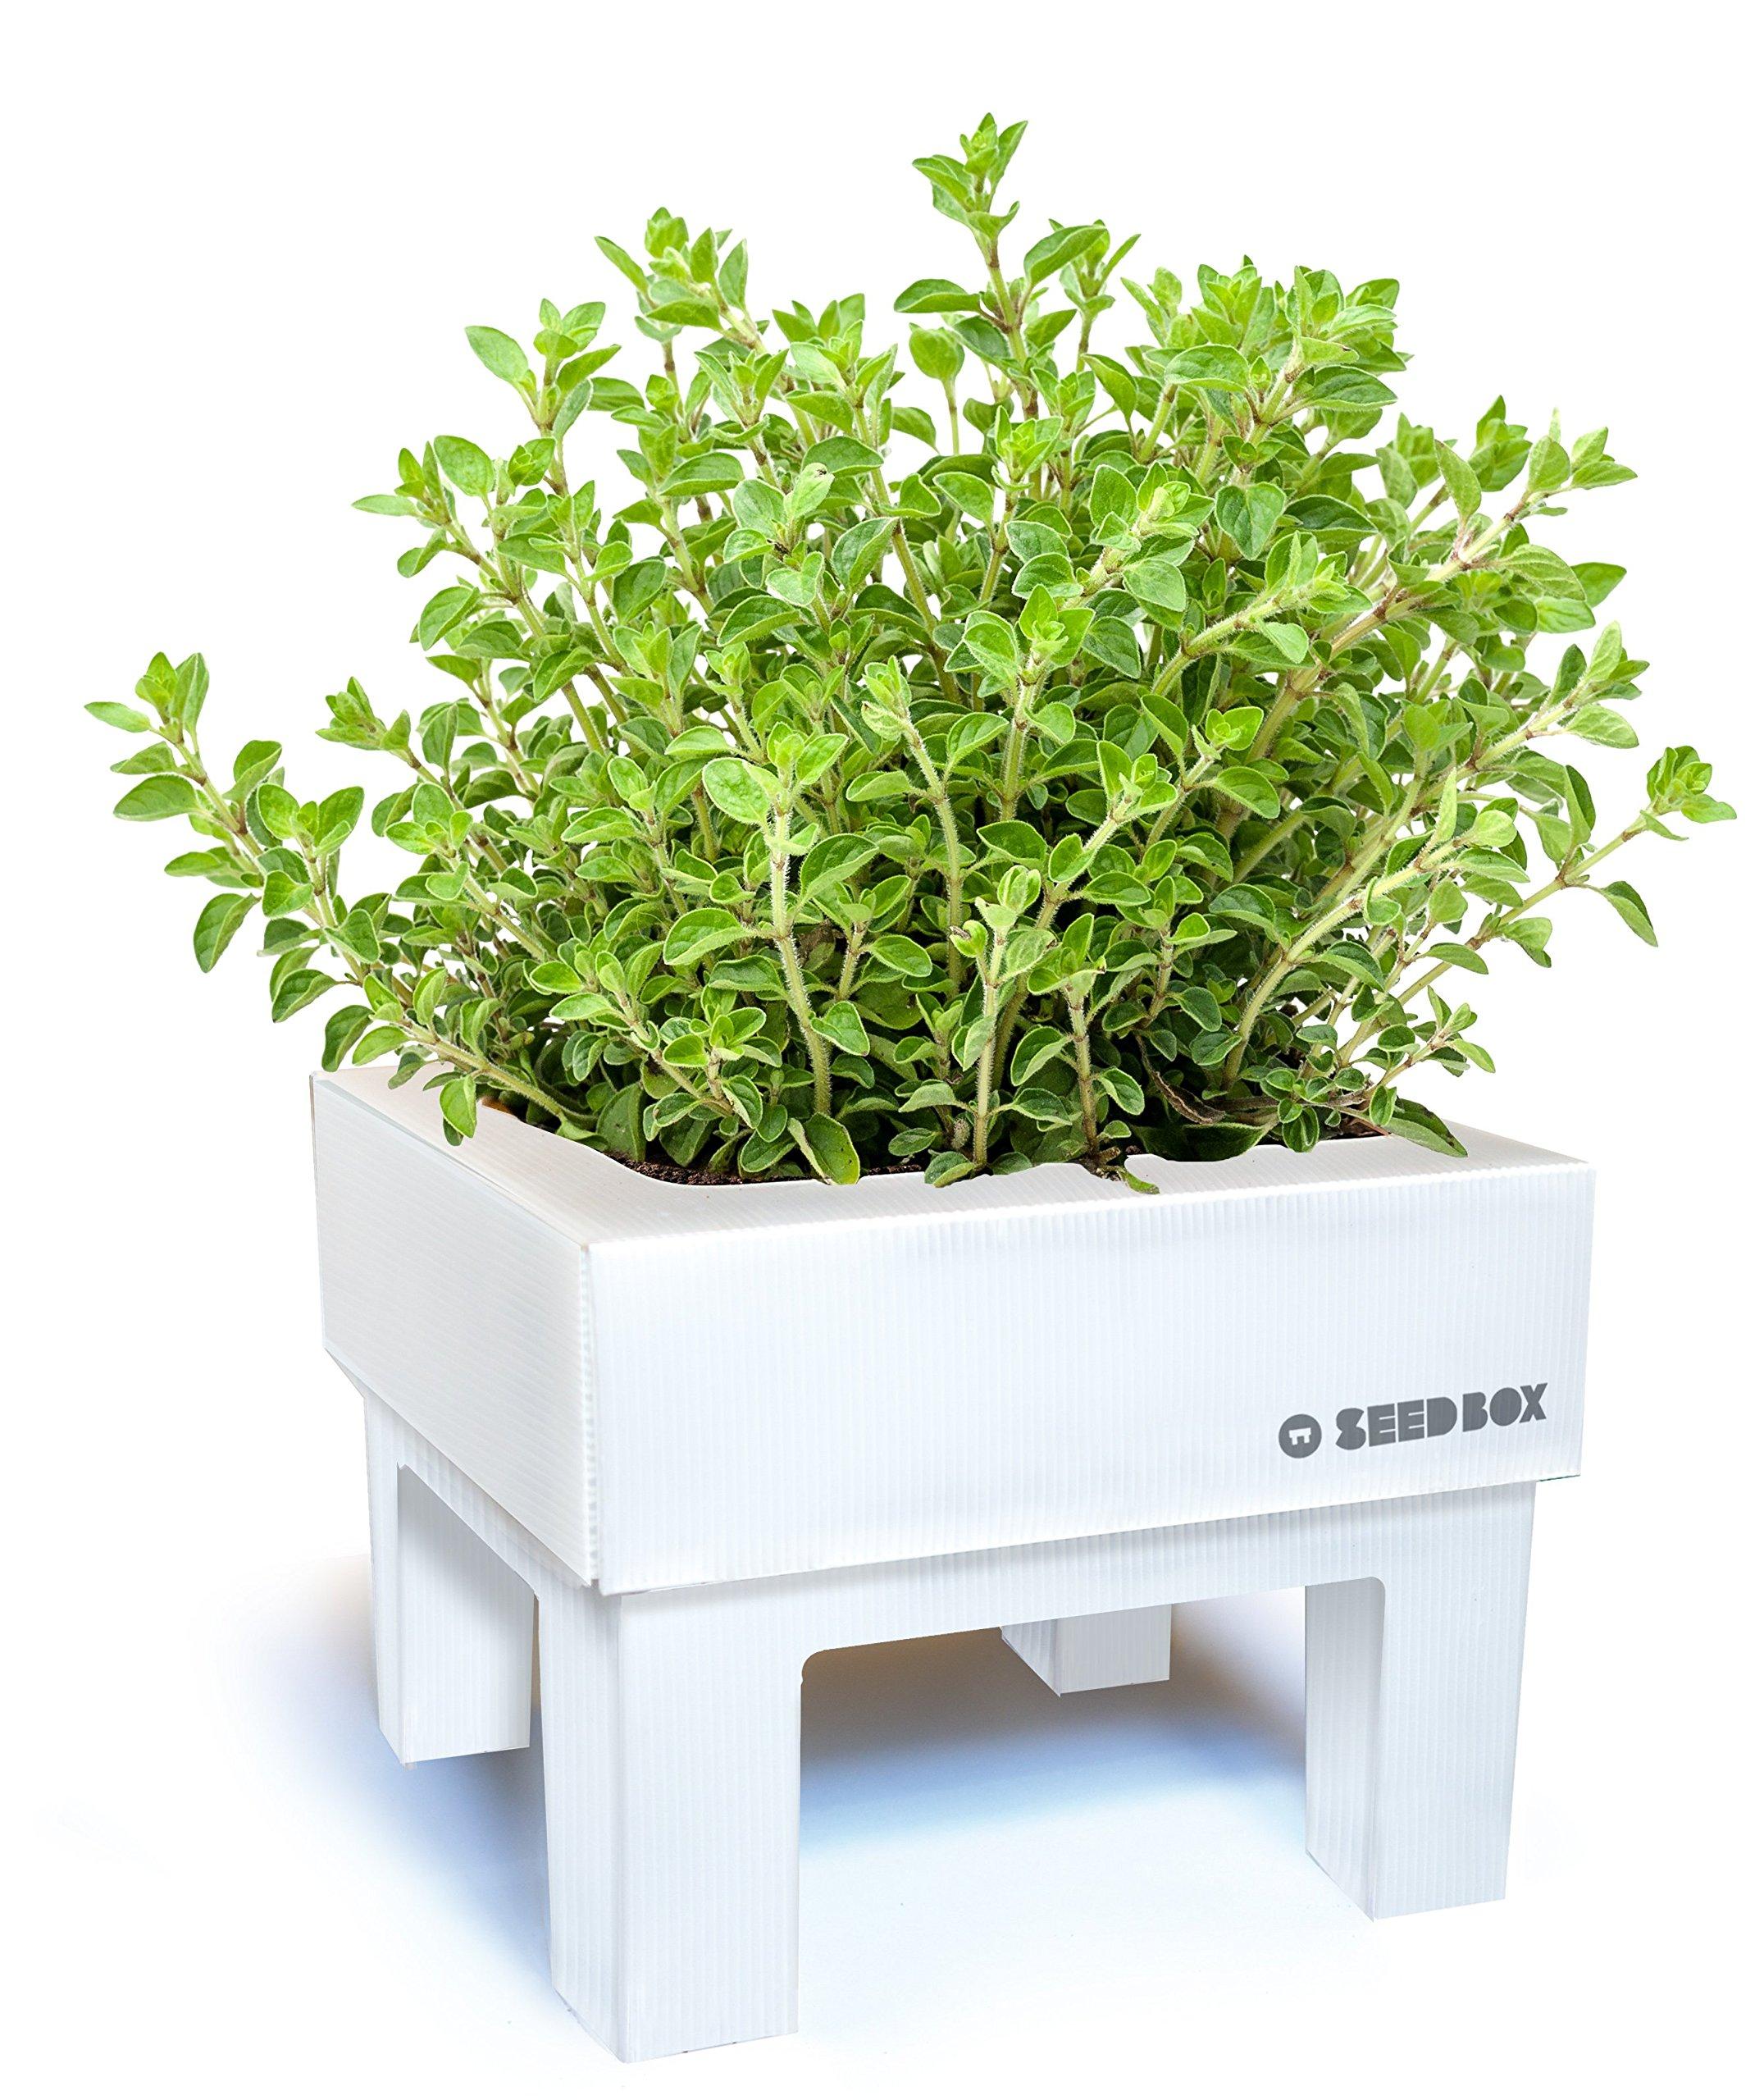 SeedBox SBCUOR-Oregano: Amazon.es: Jardín